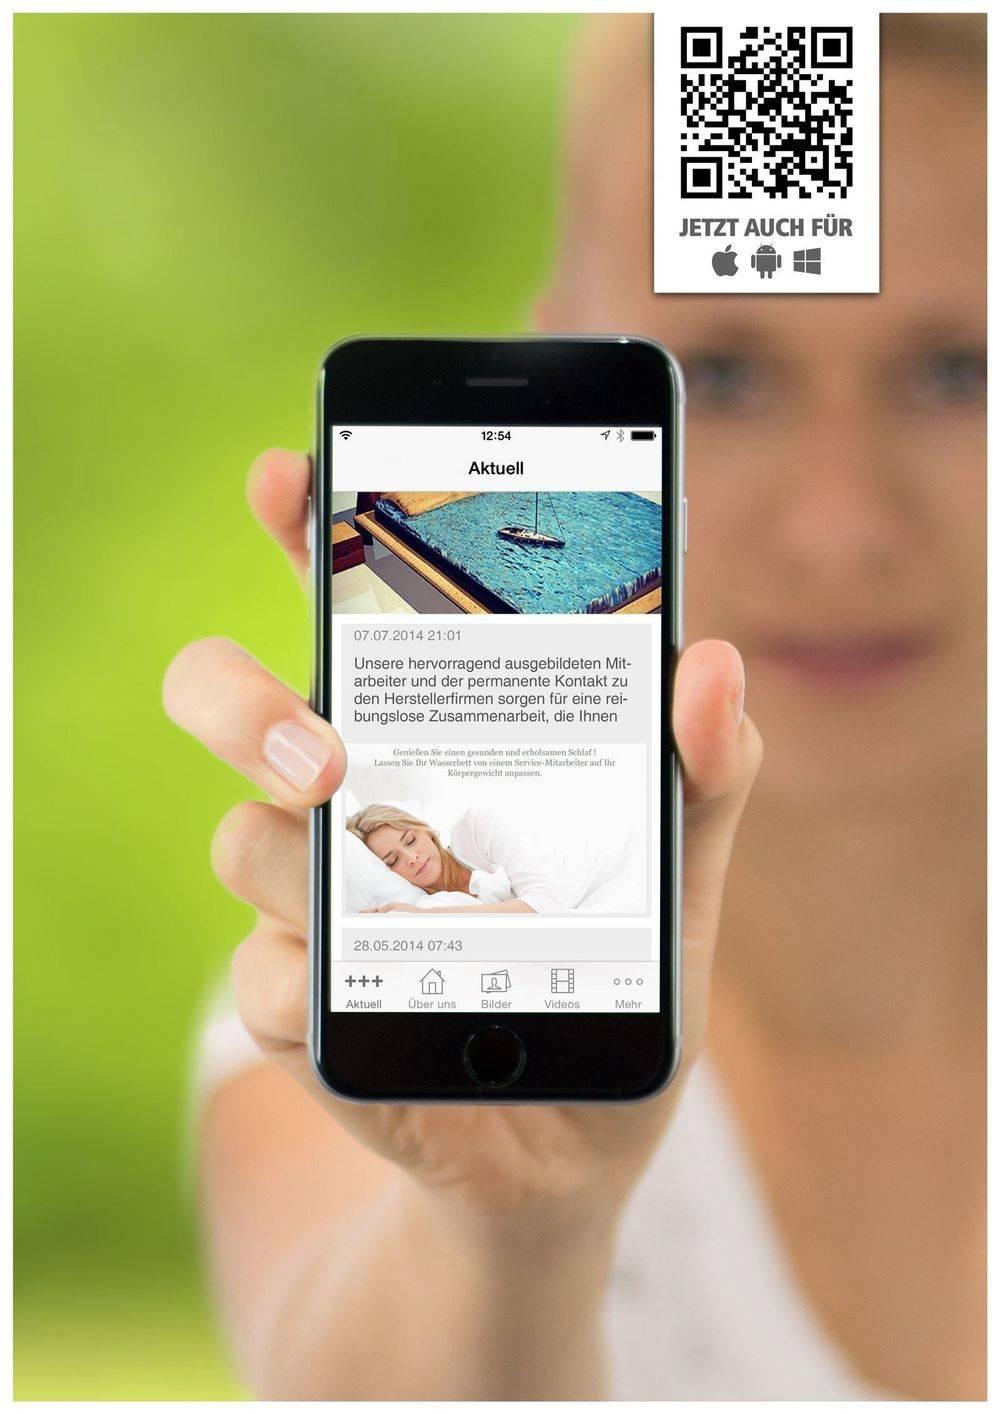 Professionelle Dienstleistungen rund ums Wasserbett als App erhältlich im App Store und Google Play